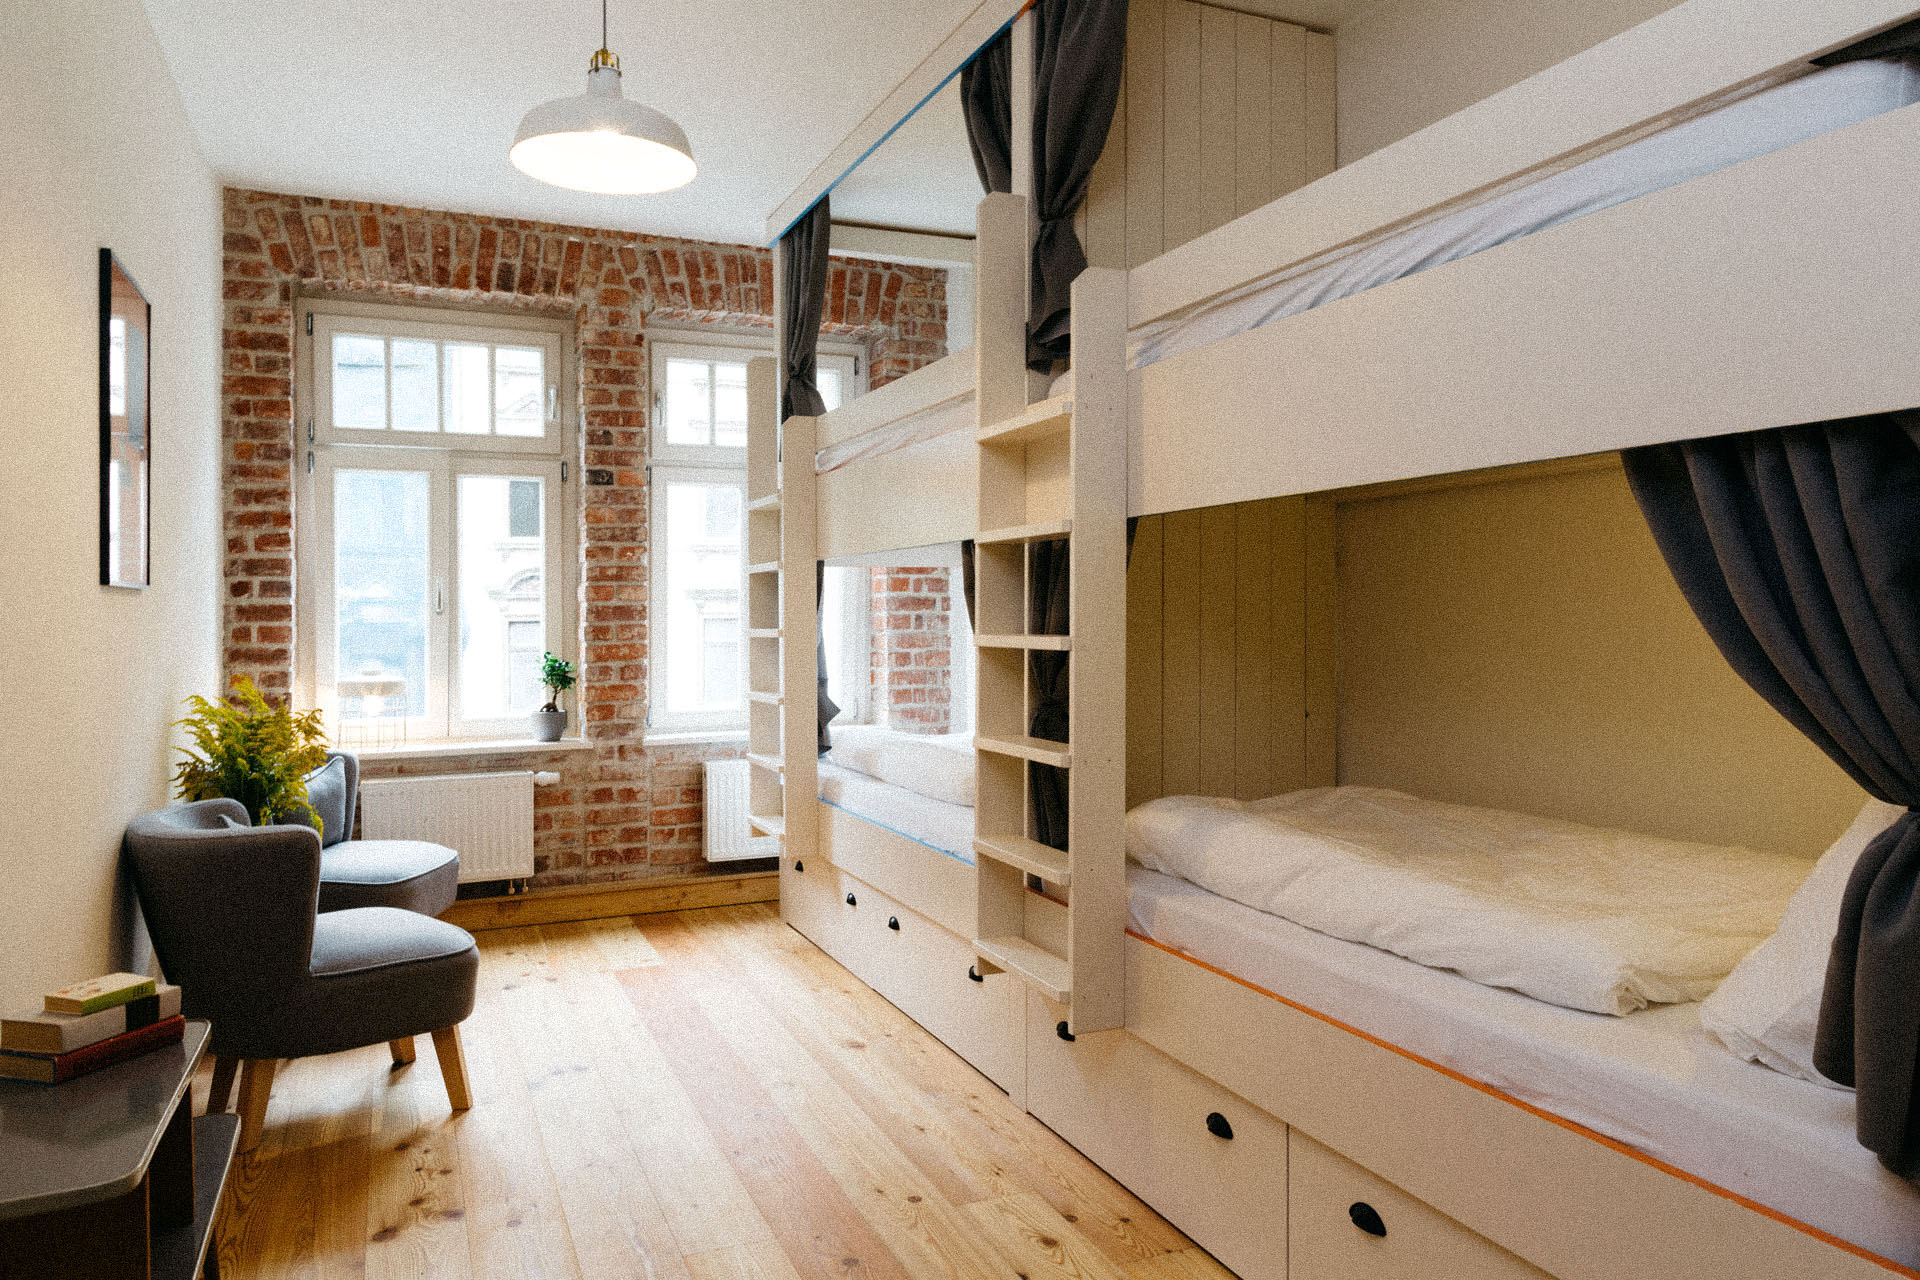 Schönes Zimmer mit 2 Hochbetten und eleganter rustikaler Einrichtung. Die Wände sind aus Backstein. Die Betten sind weiß und mit Verdunklungsvorhängen. Es gibt schöne Sessel und große Fenster